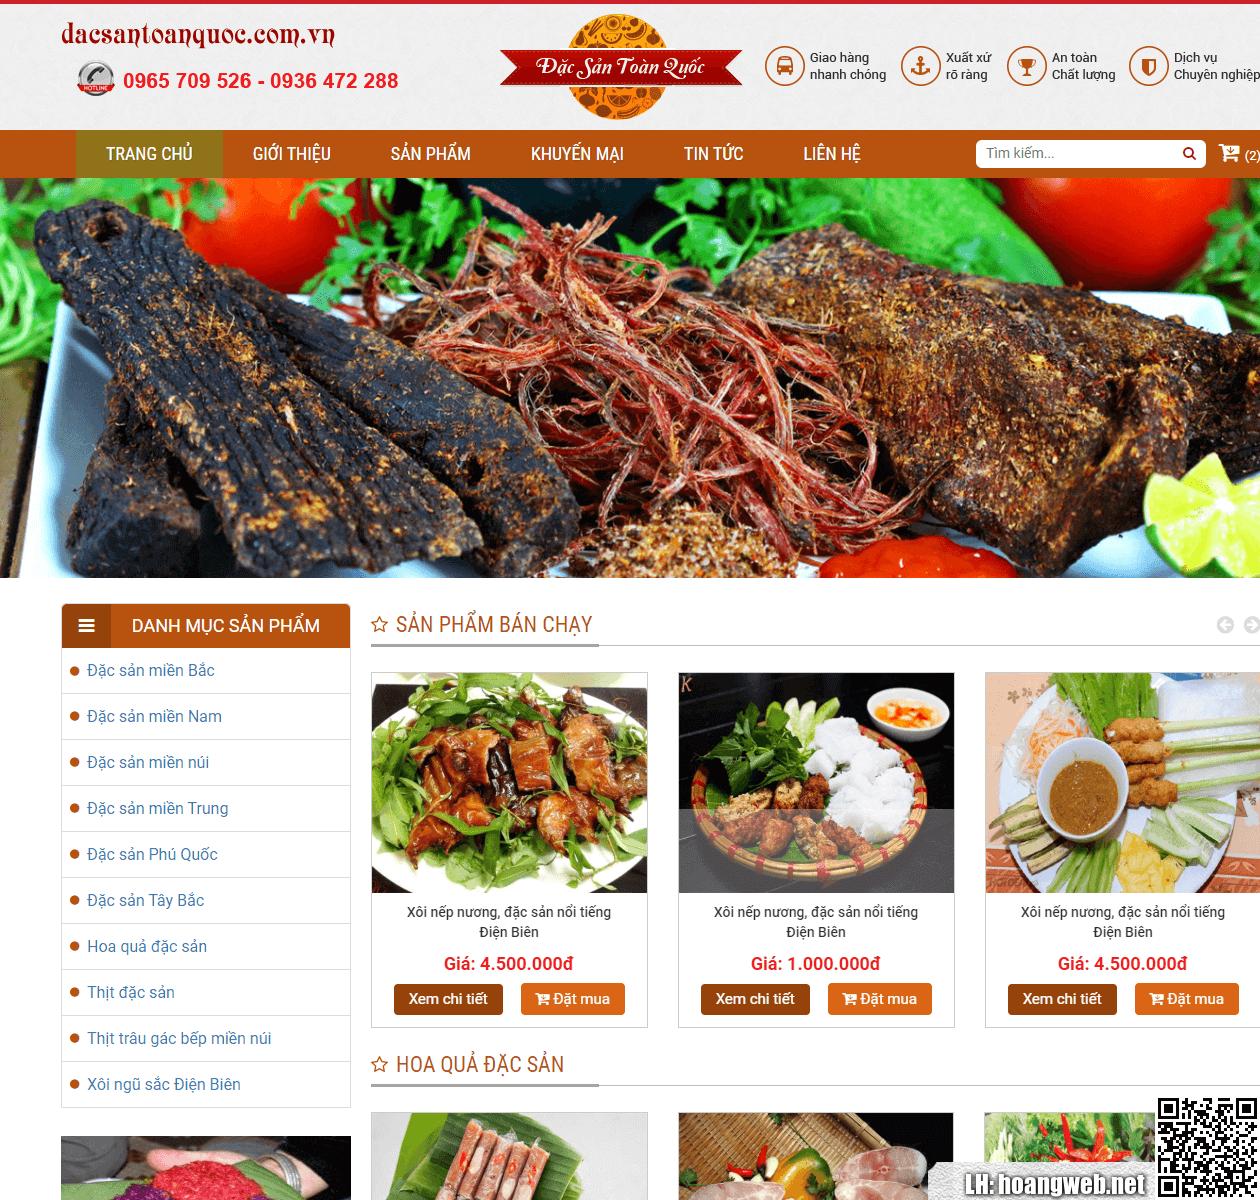 Mẫu web đặc sản ẩm thực 2 thumbnail